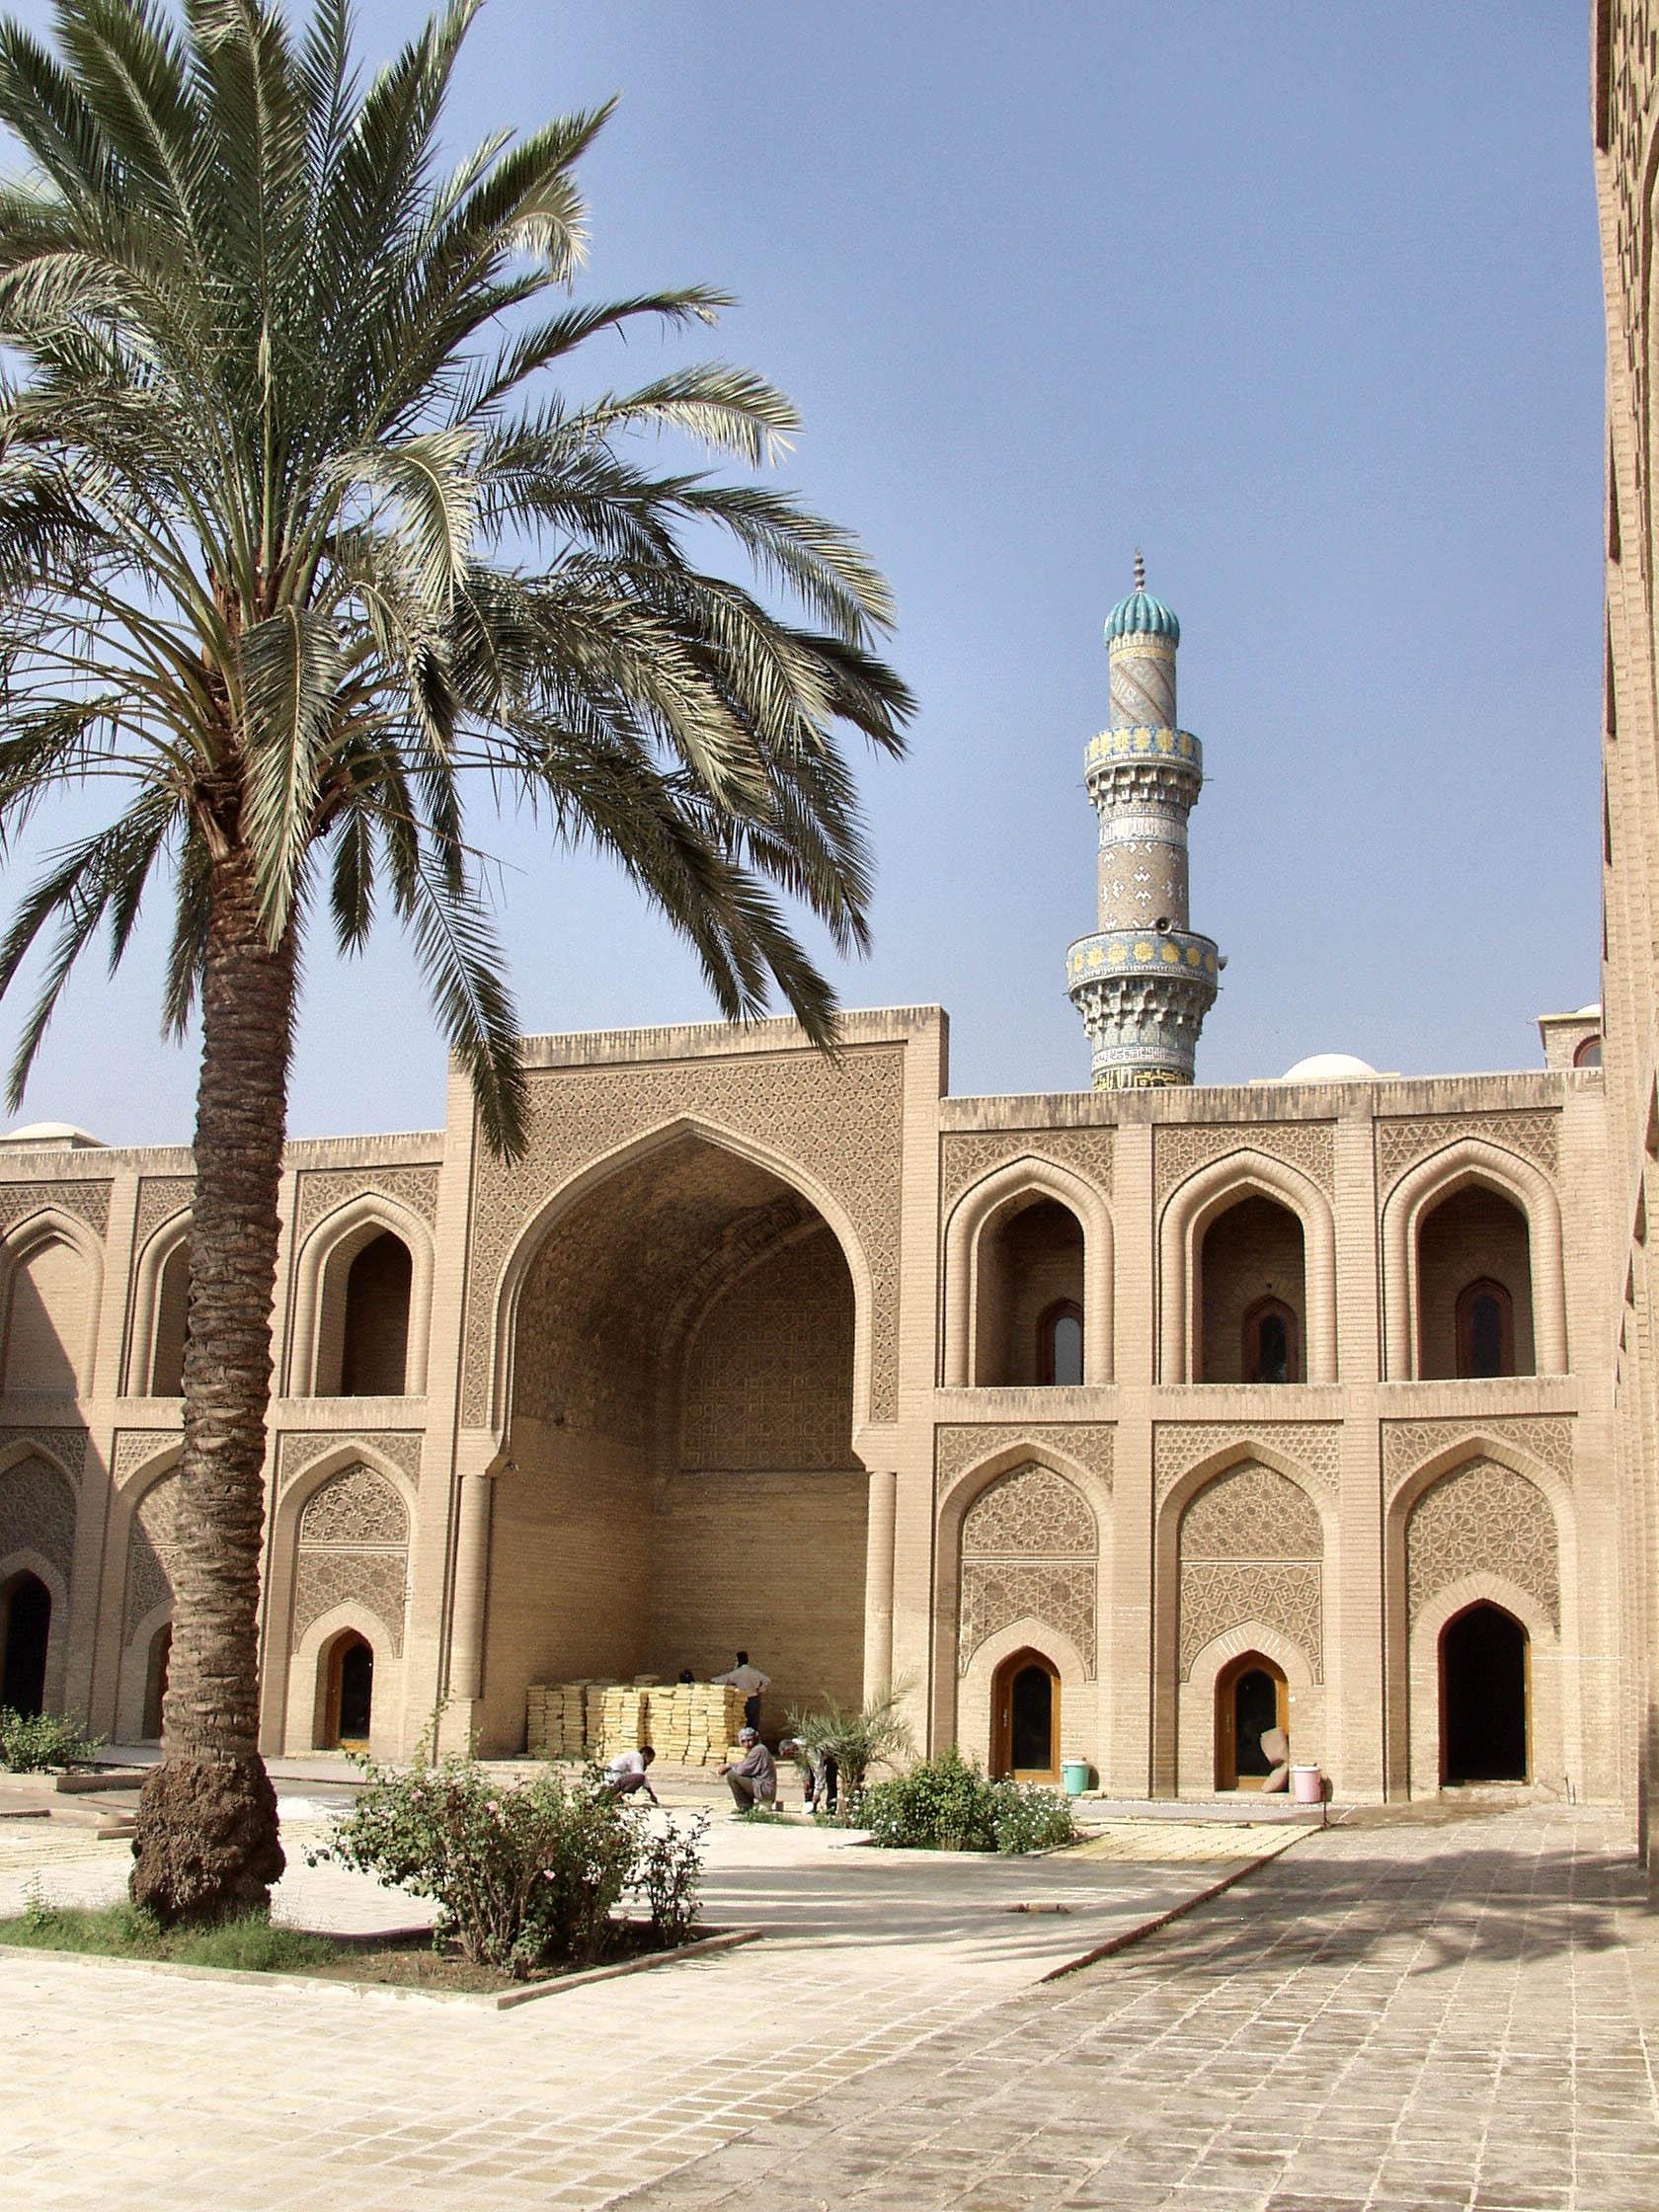 التعريف بالعراق كبلد سياحي المعلومات Mustansiriya_University_CPT.jpg